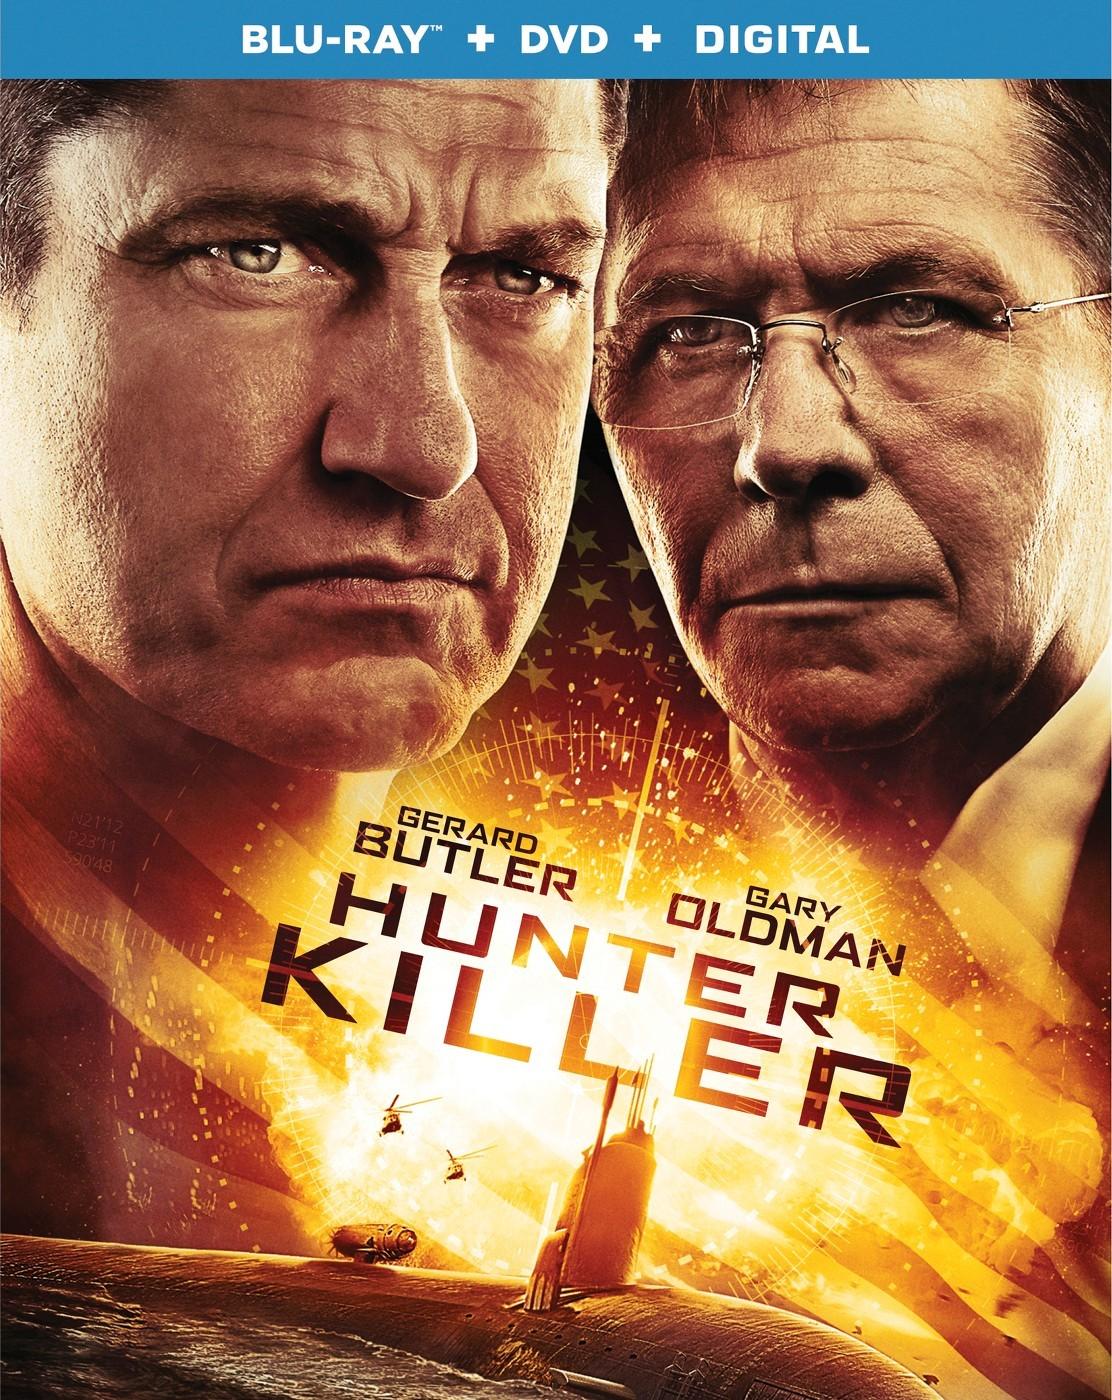 Hunter Killer (2018) poster image